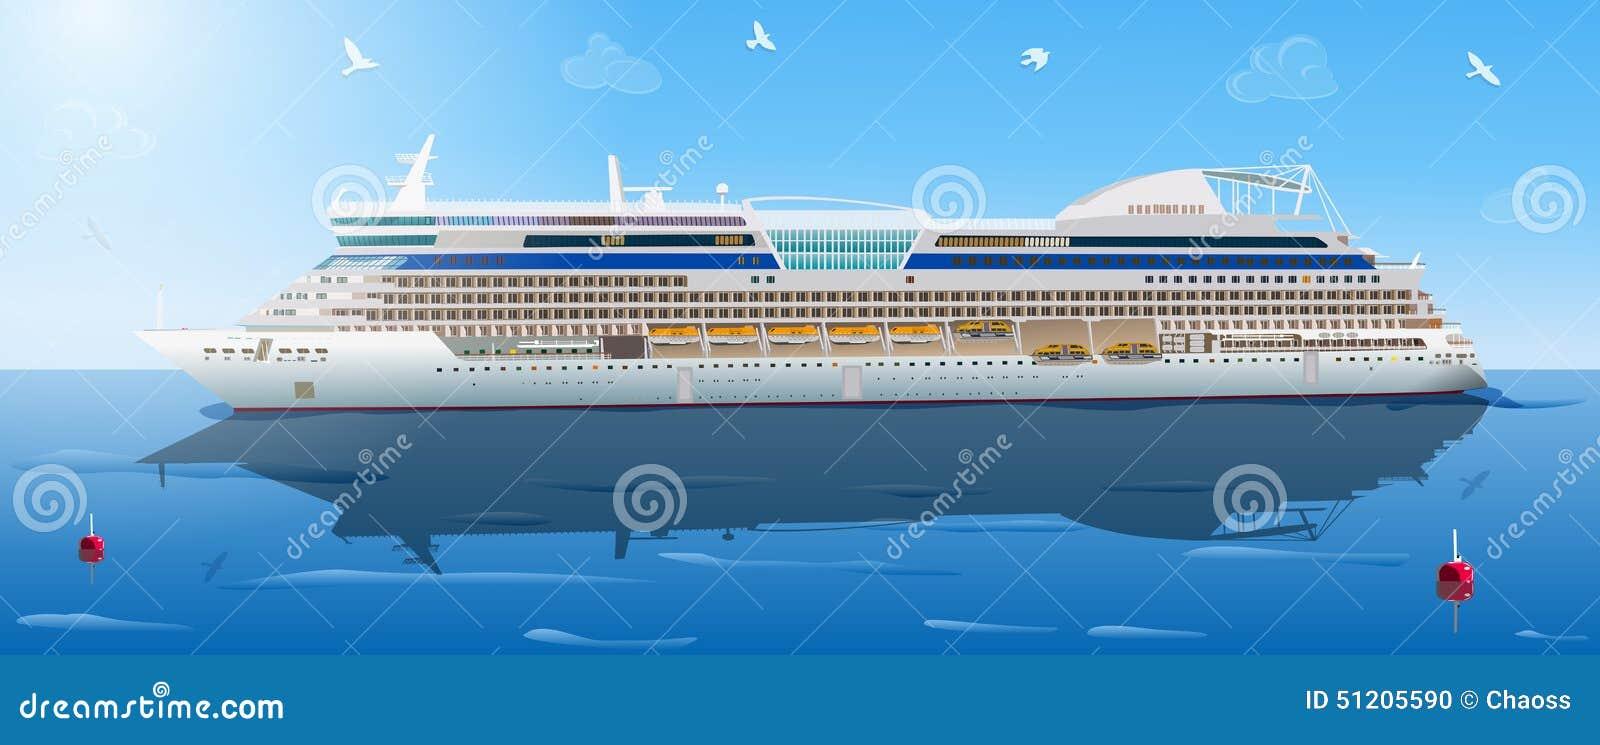 μεγάλο κρουαζιερόπλοιο